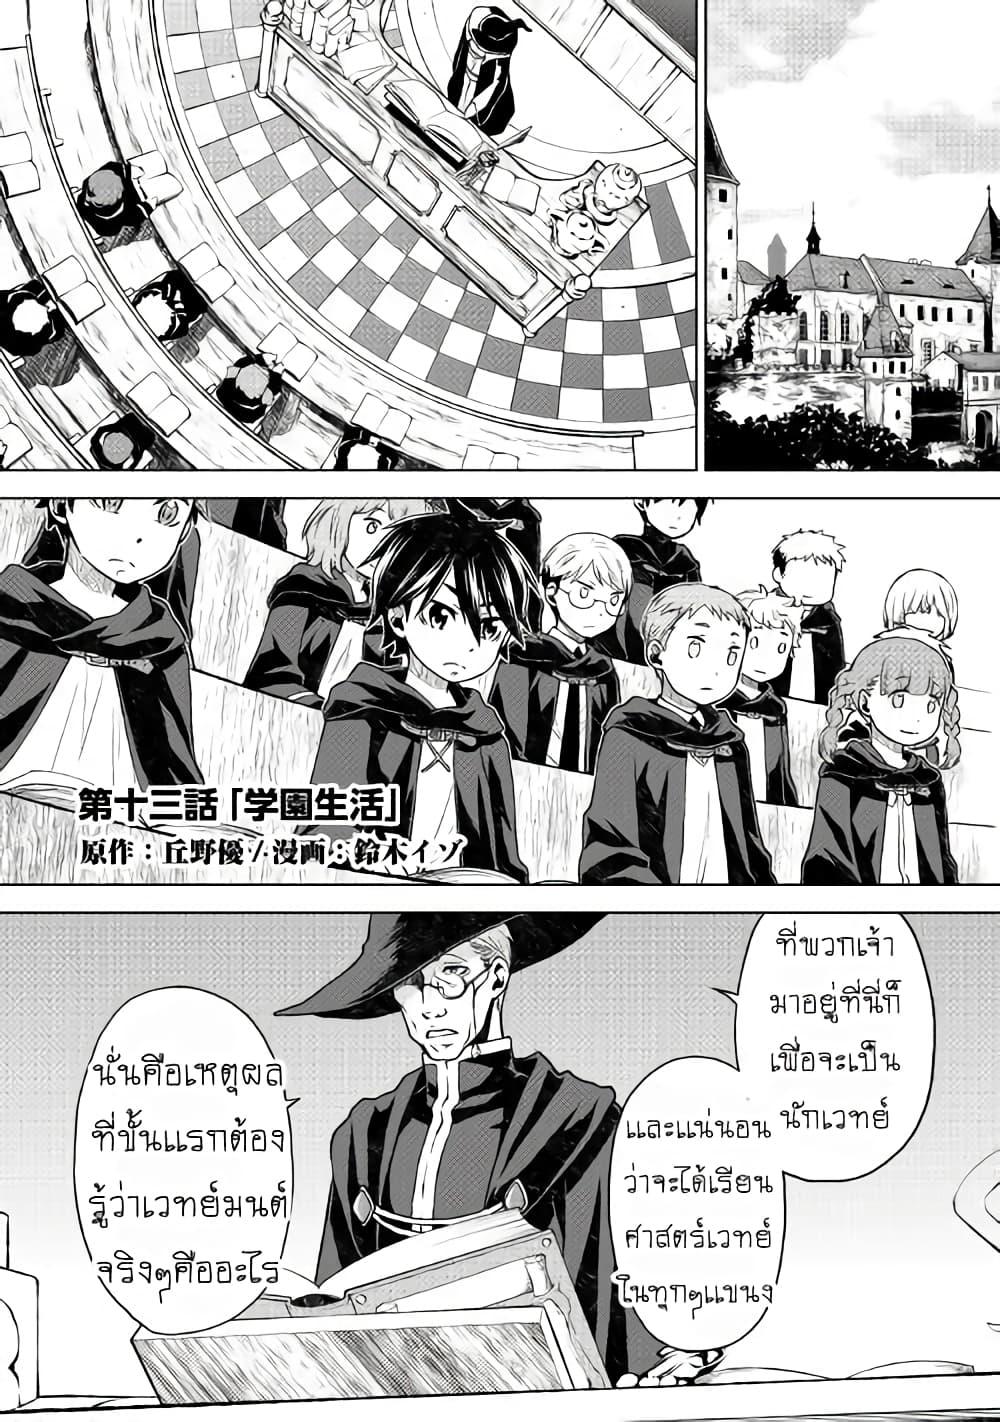 Hiraheishi wa Kako o Yumemiru ตอนที่ 13